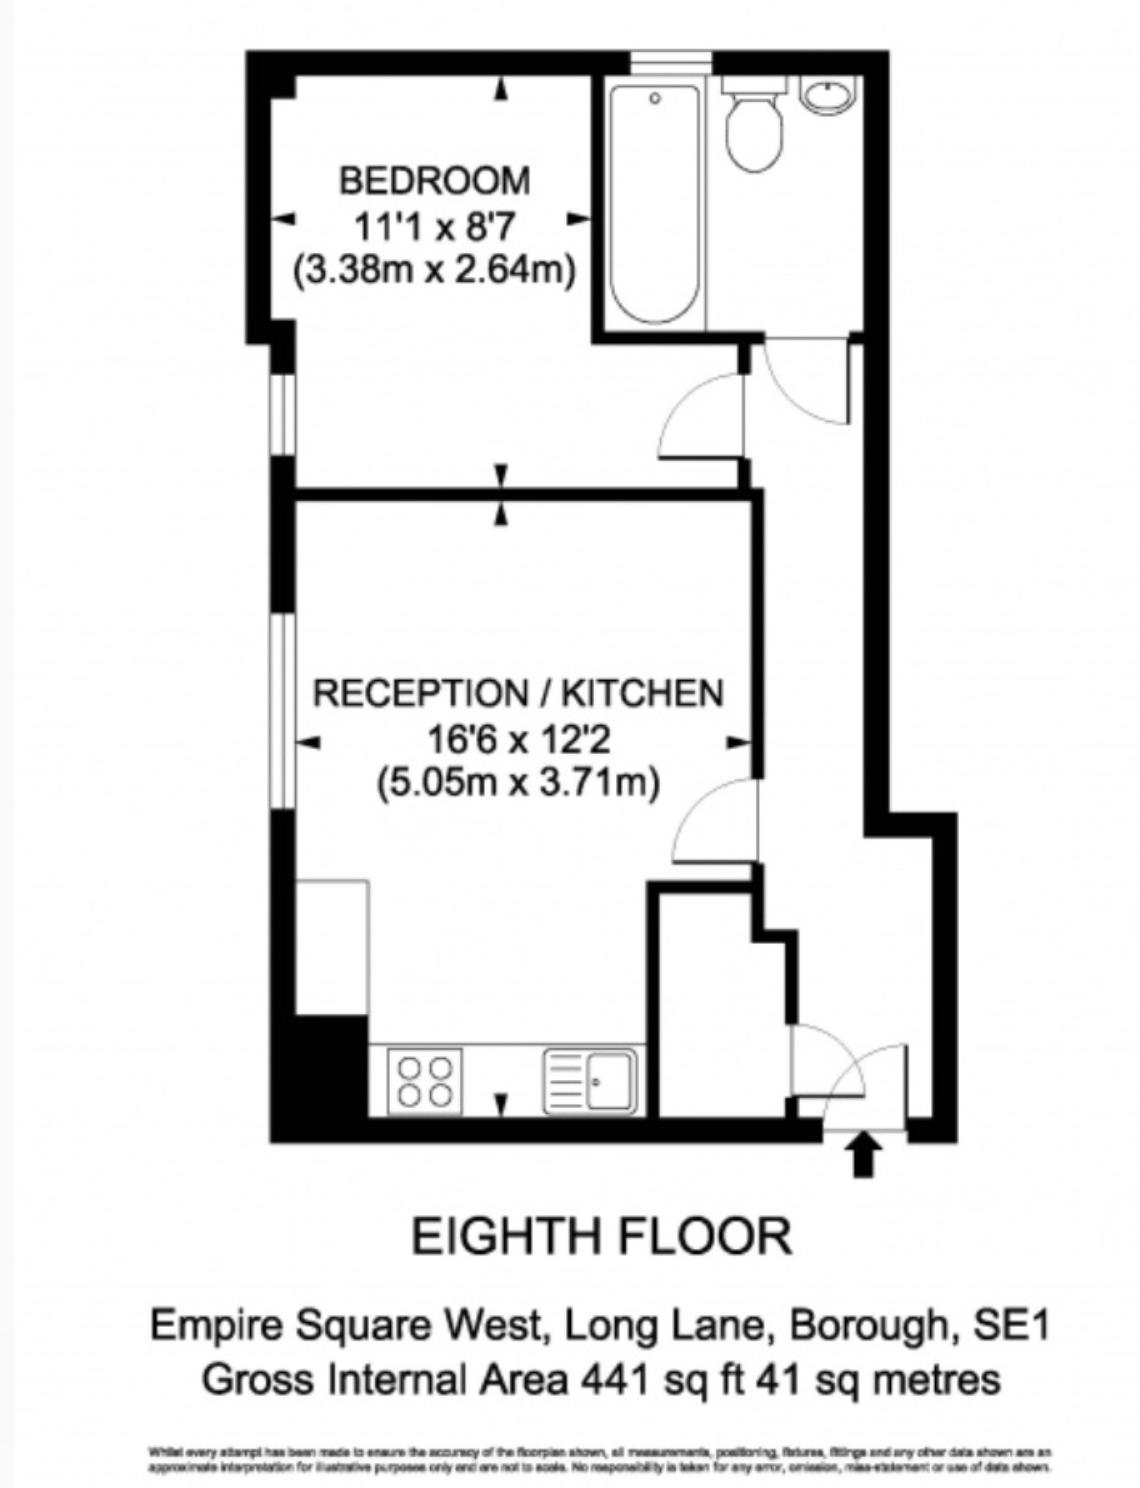 Floorplan not found